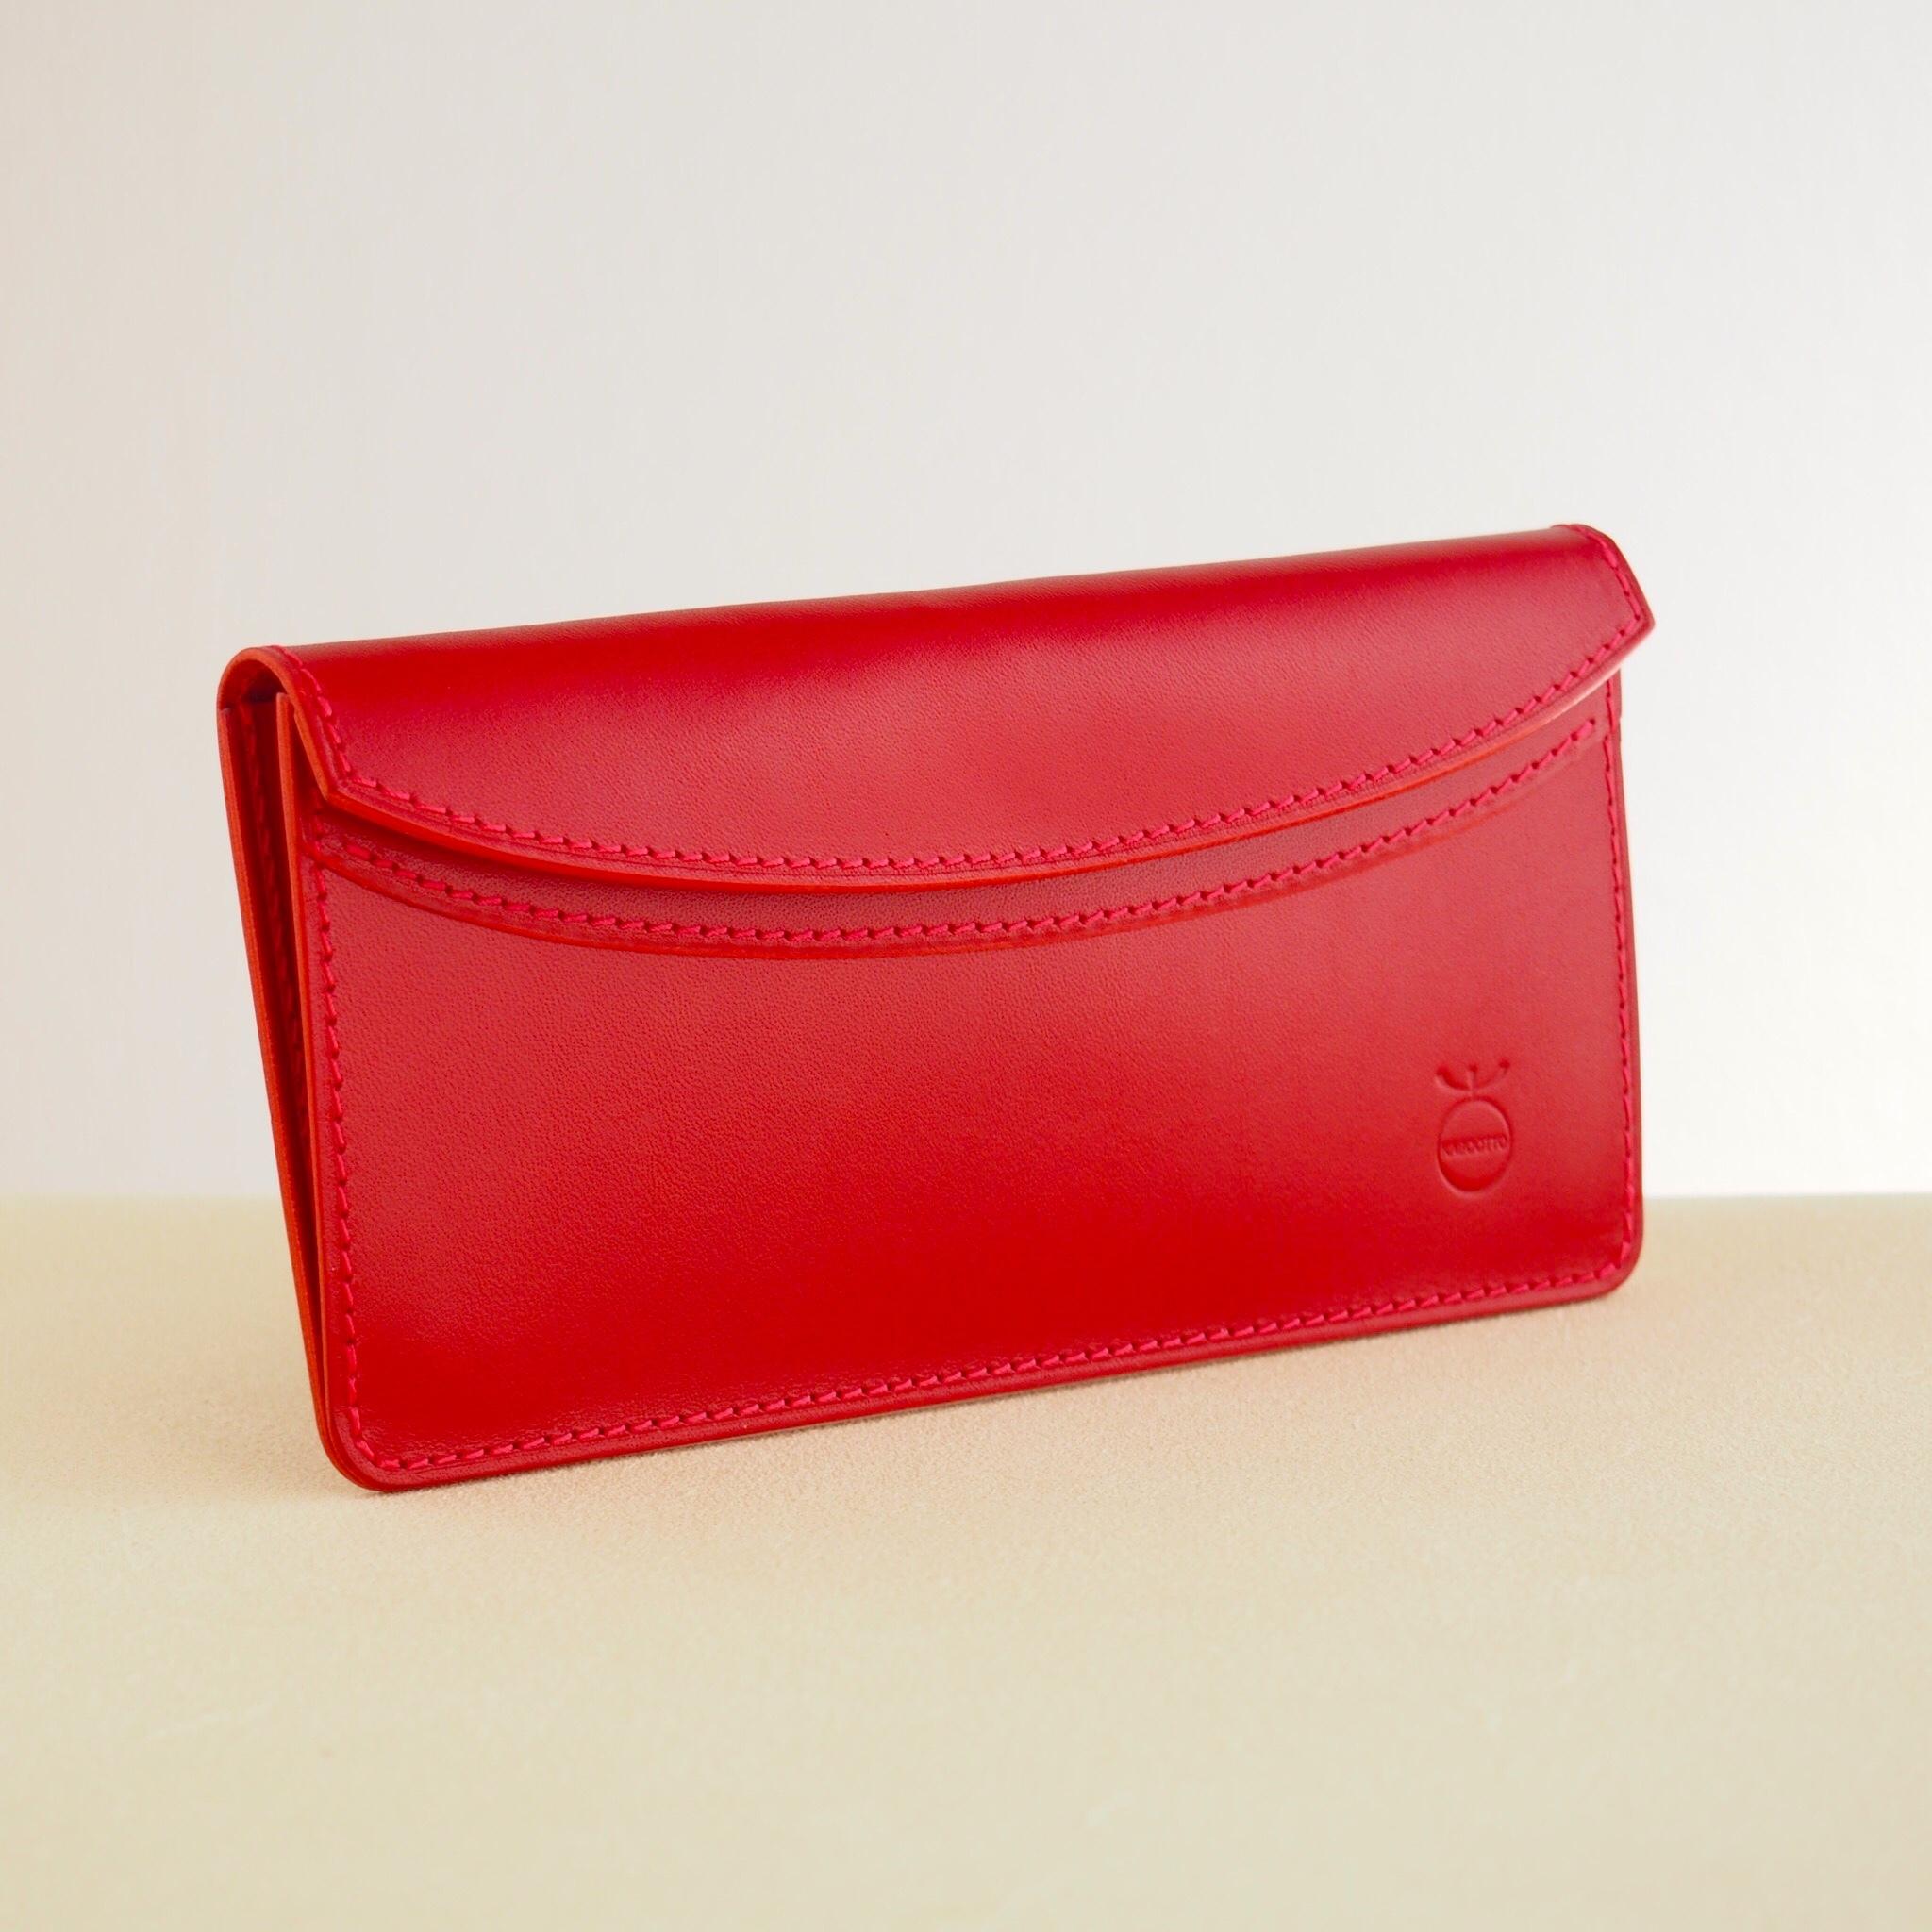 薄い軽い使いやすい! スリムな財布#レッド